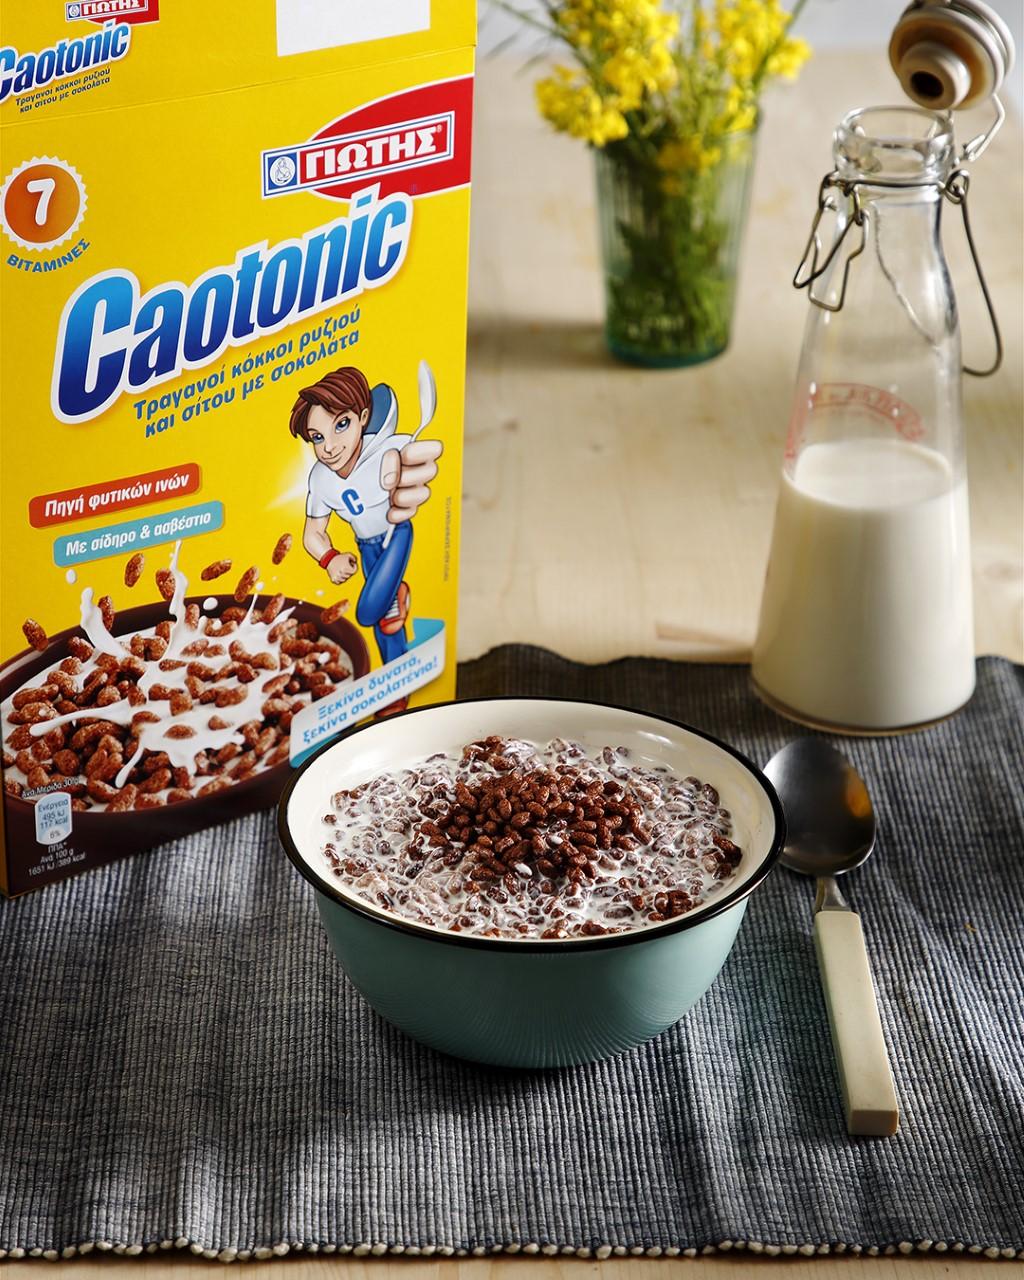 5 λαχταριστές ιδέες για το πρωινό των παιδιών